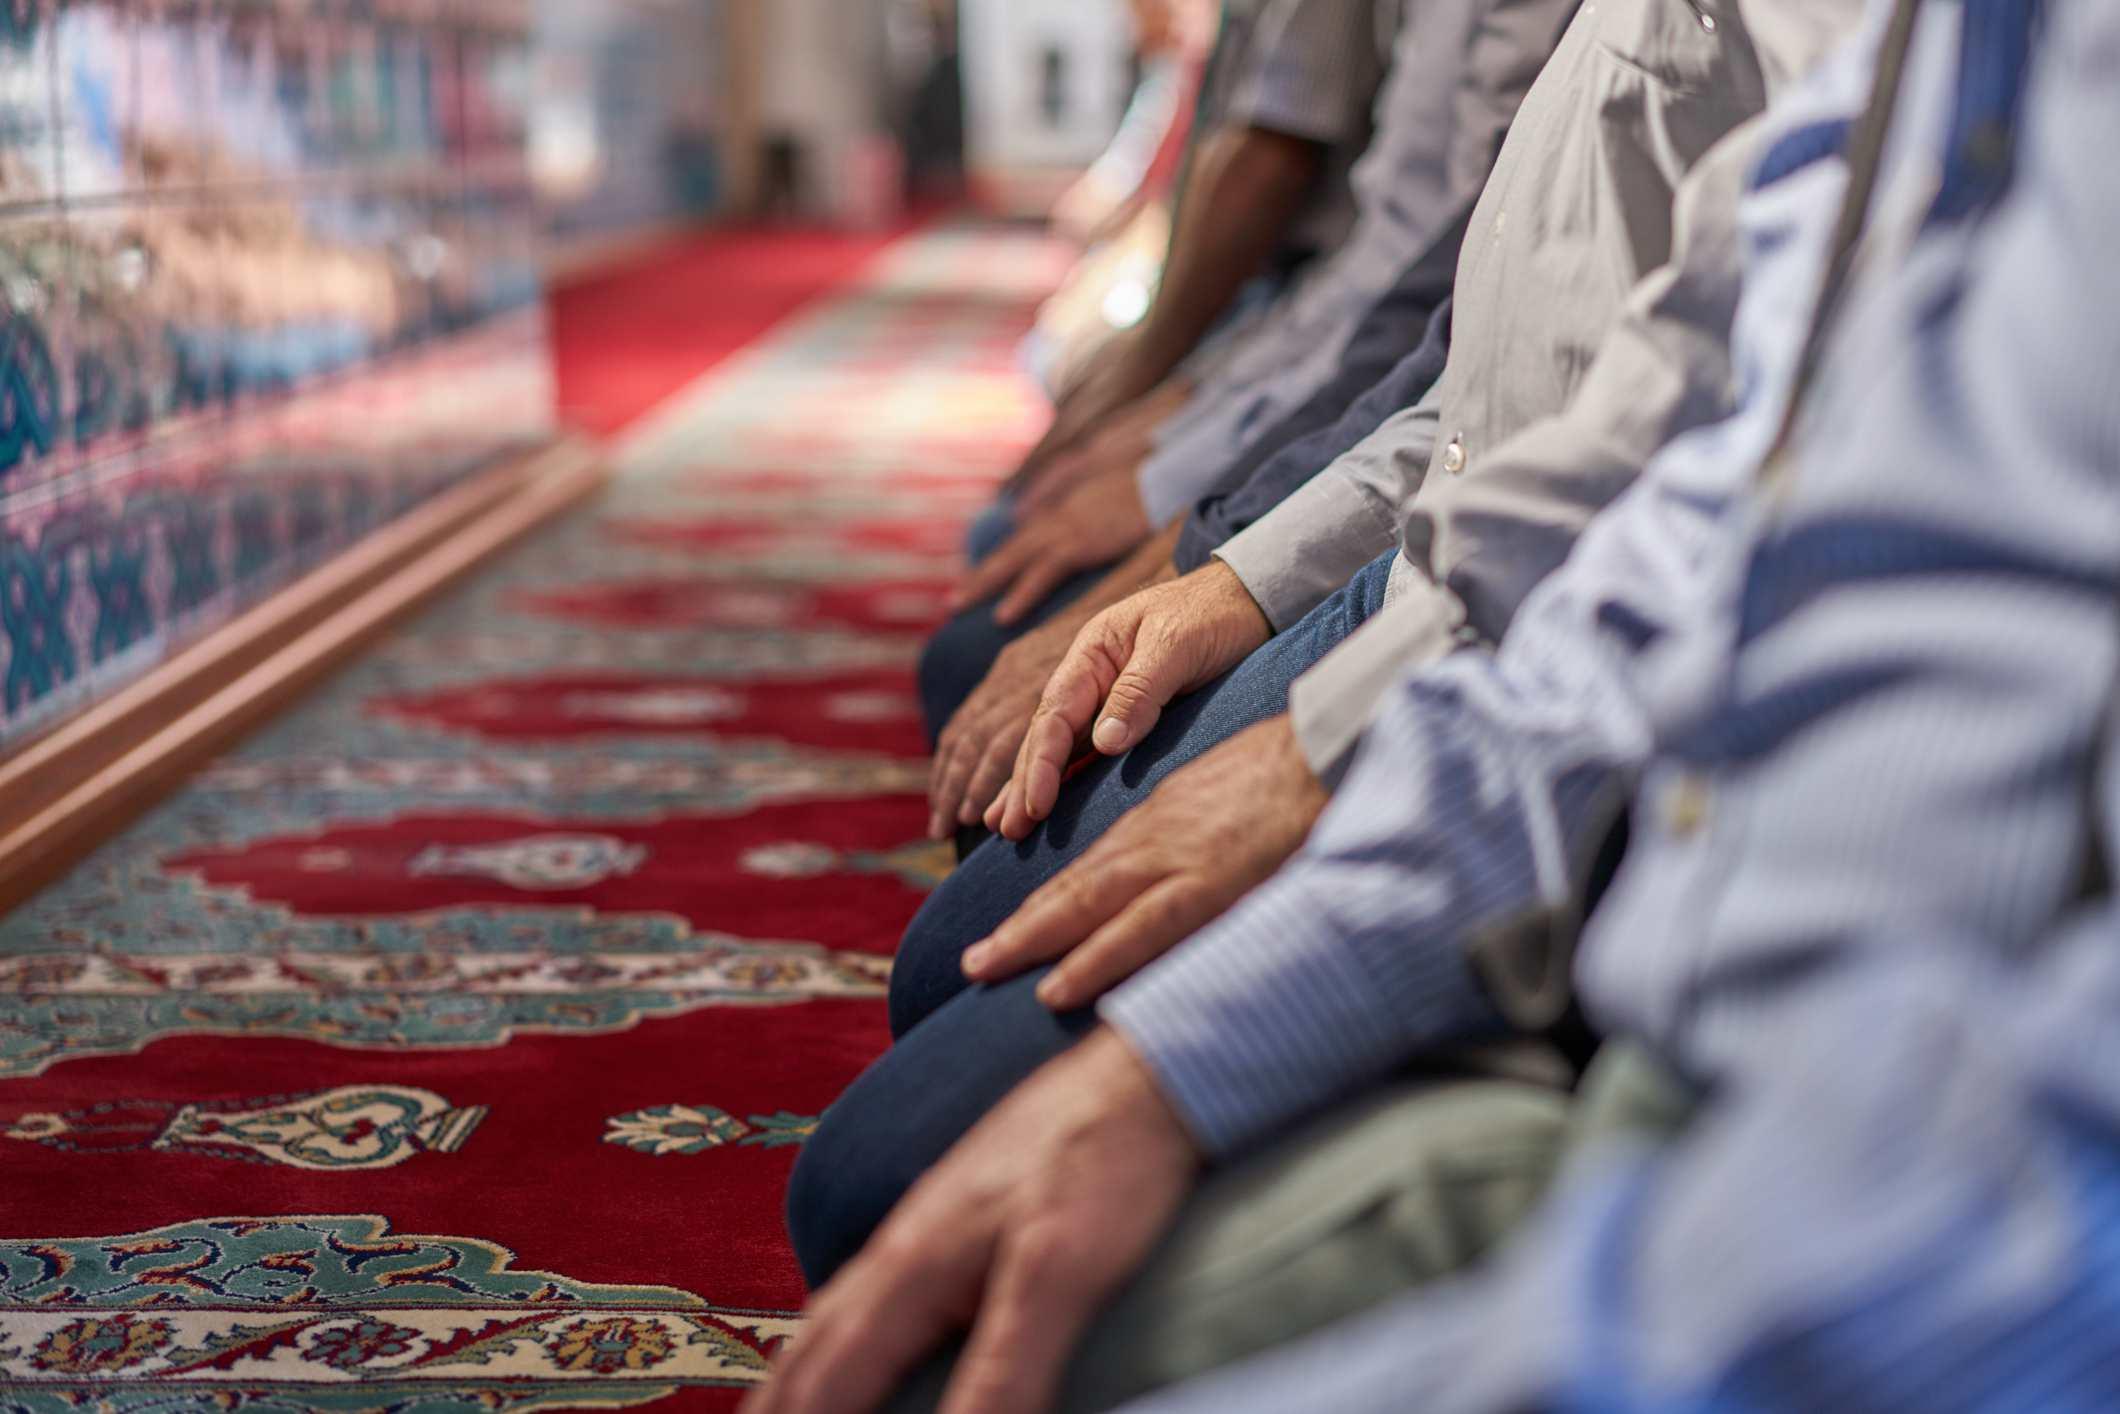 men kneeling in prayer at mosque